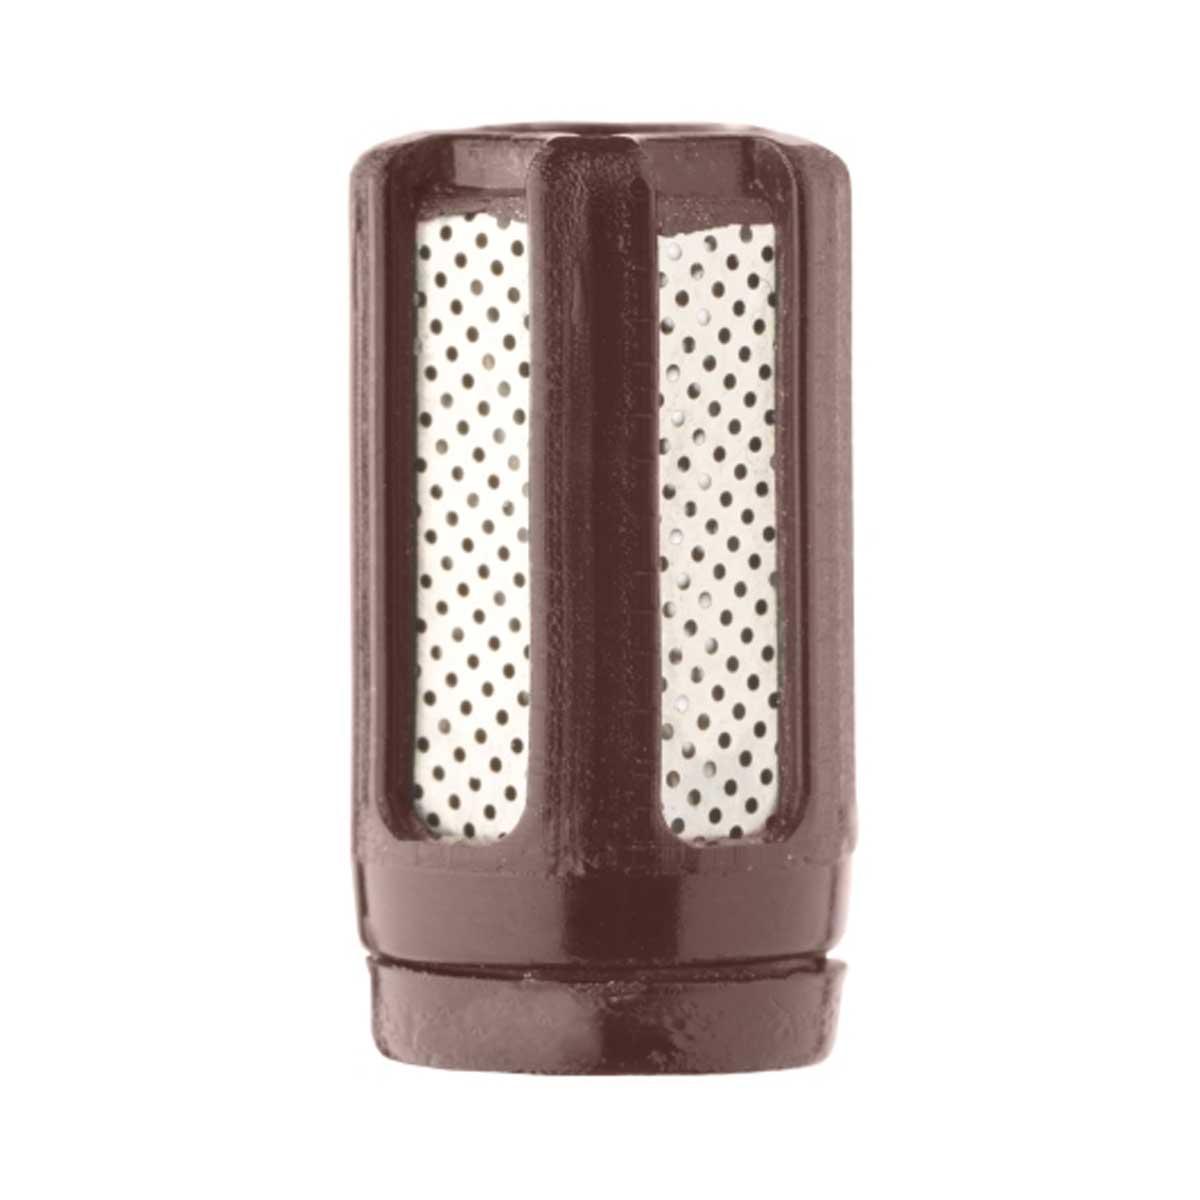 AKG エーケージー / WM81 WIREMESH cocoa ココア (MicroLite Series カーディオイド・モデル用ワイヤーメッシュキャップ) 5個入り【お取り寄せ商品】